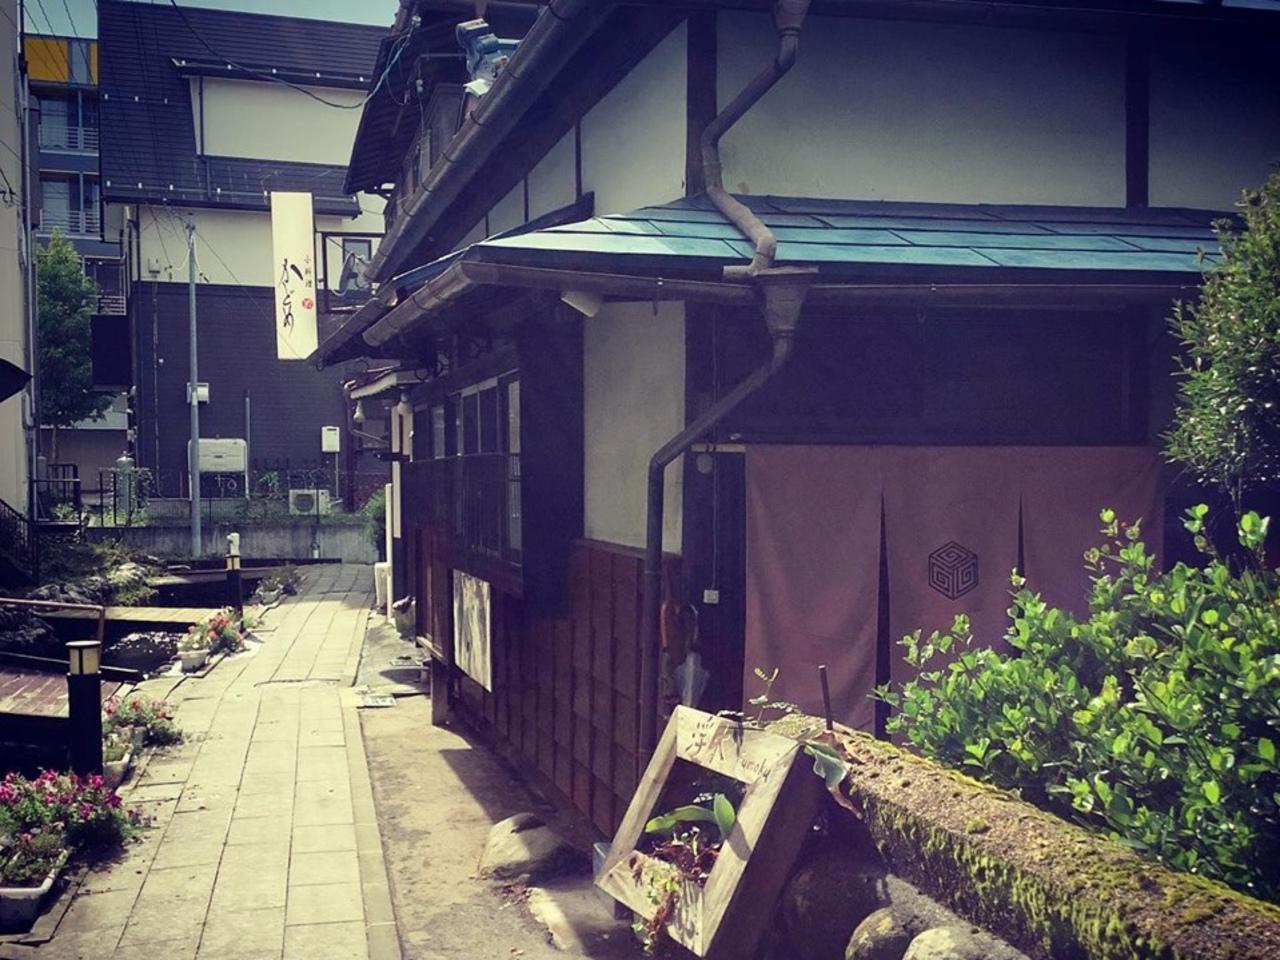 カフェとバーとゲストハウス...長野県茅野市ちのに古民家カフェ『ふもく』プレオープン